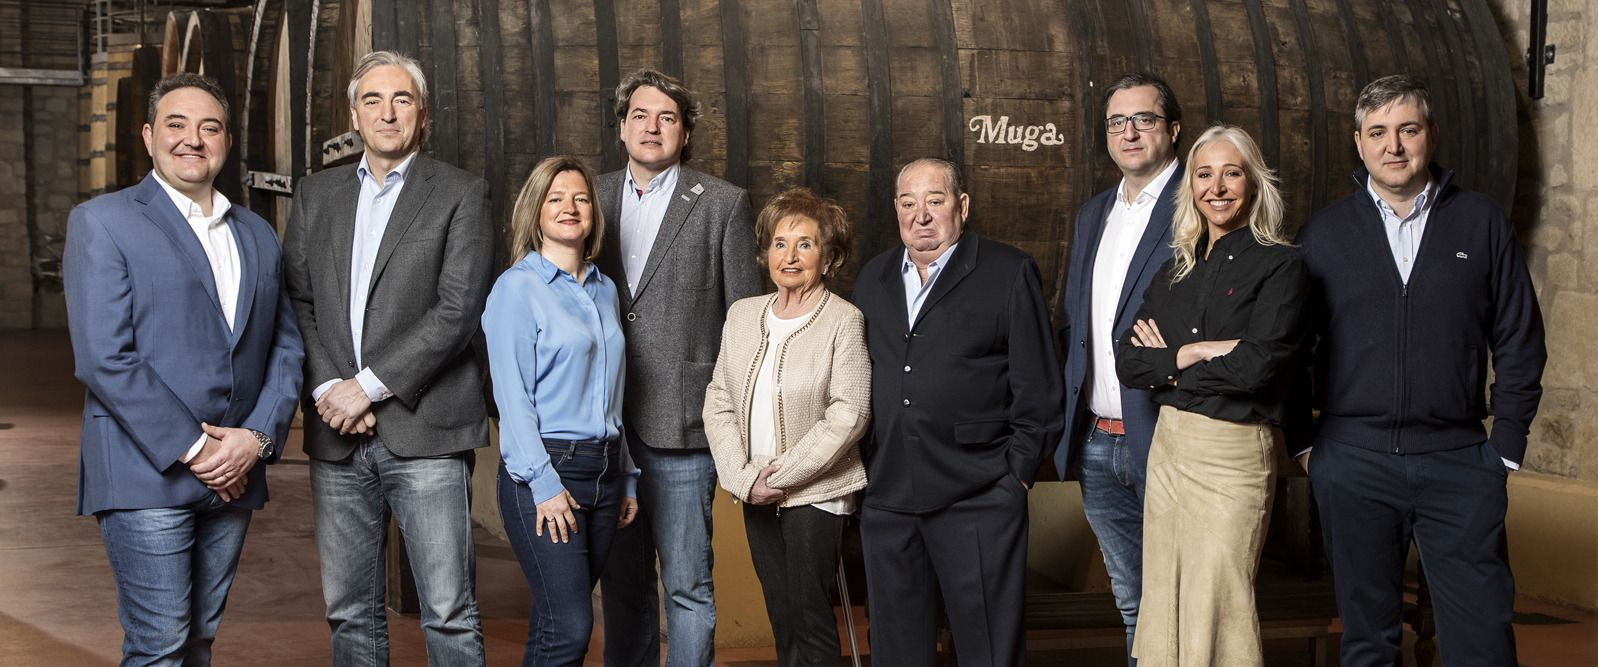 Muga - The family